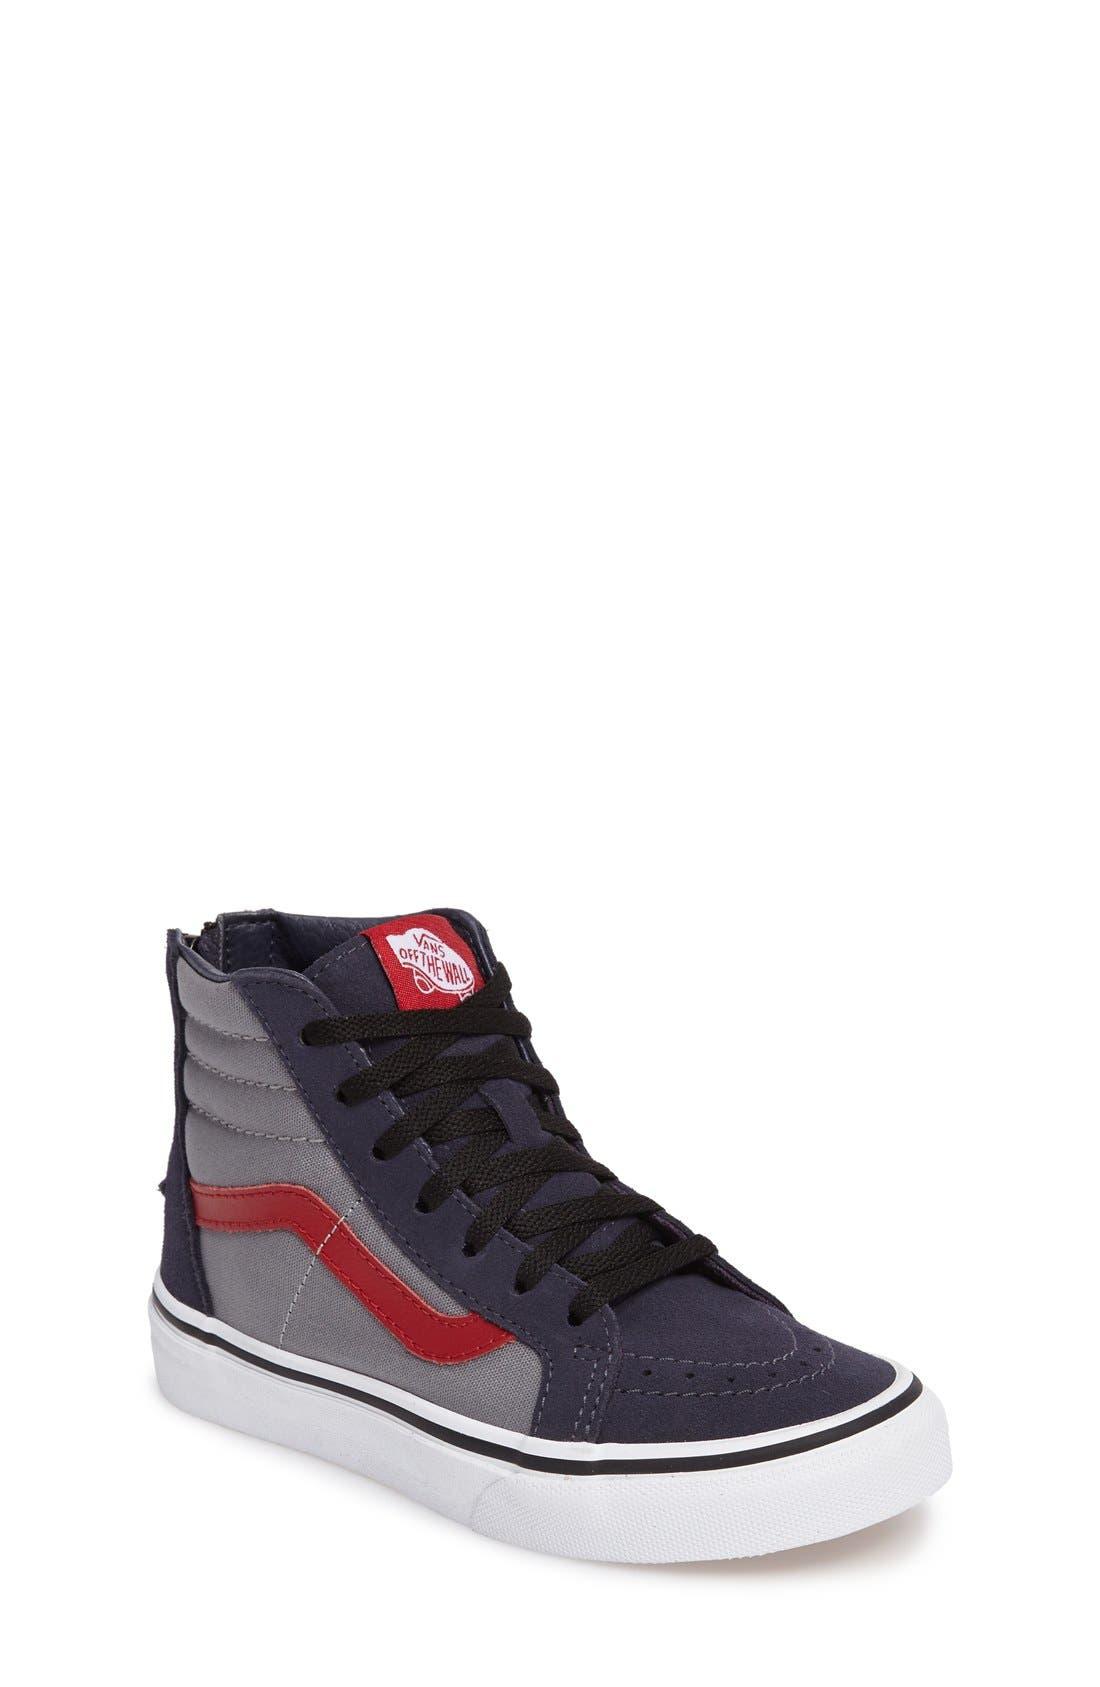 SK8-Hi Zip Pop Sneaker,                             Main thumbnail 1, color,                             Parisian Night/ Racing Red